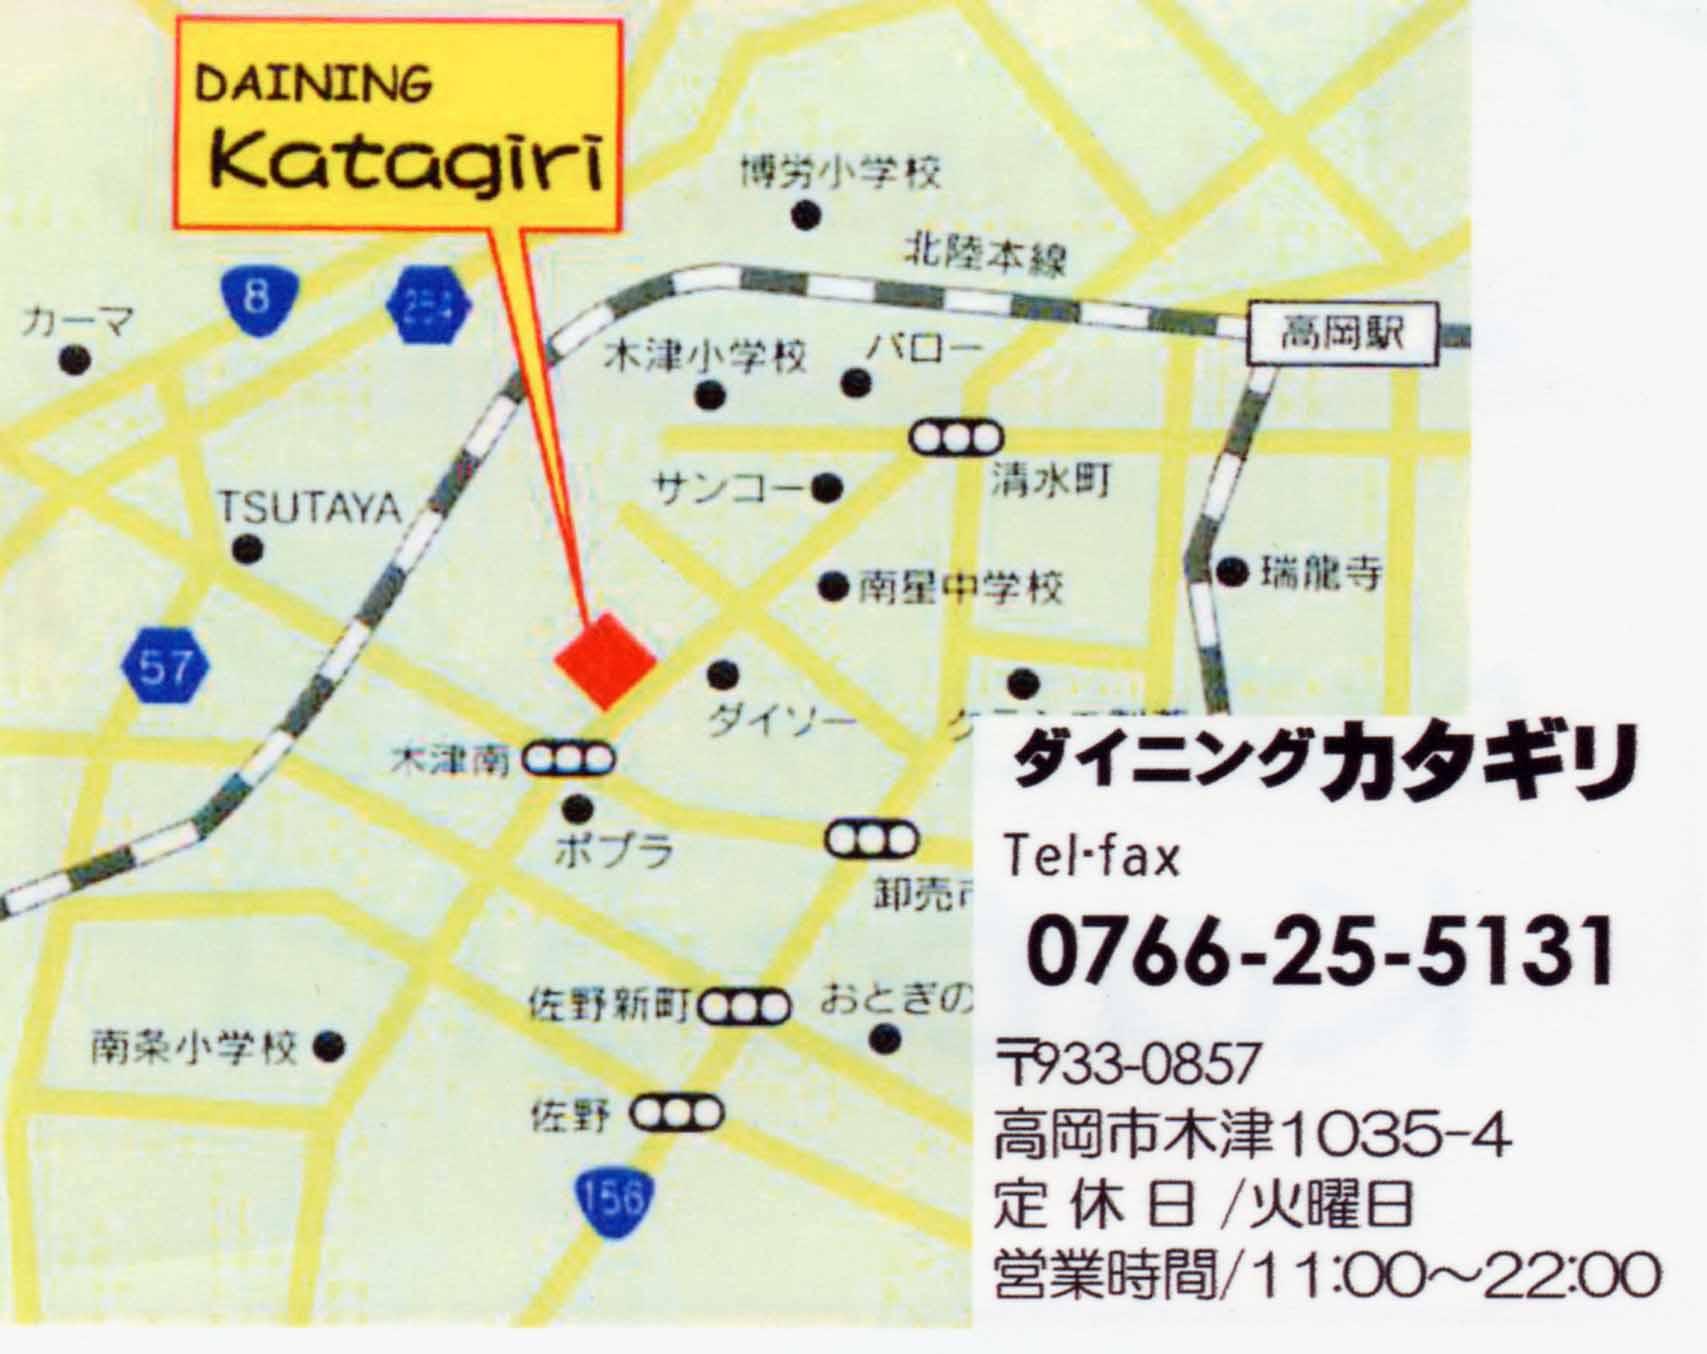 高岡市に6月30日にオープンする「ダイニング カタギリ」_c0220824_7155037.jpg